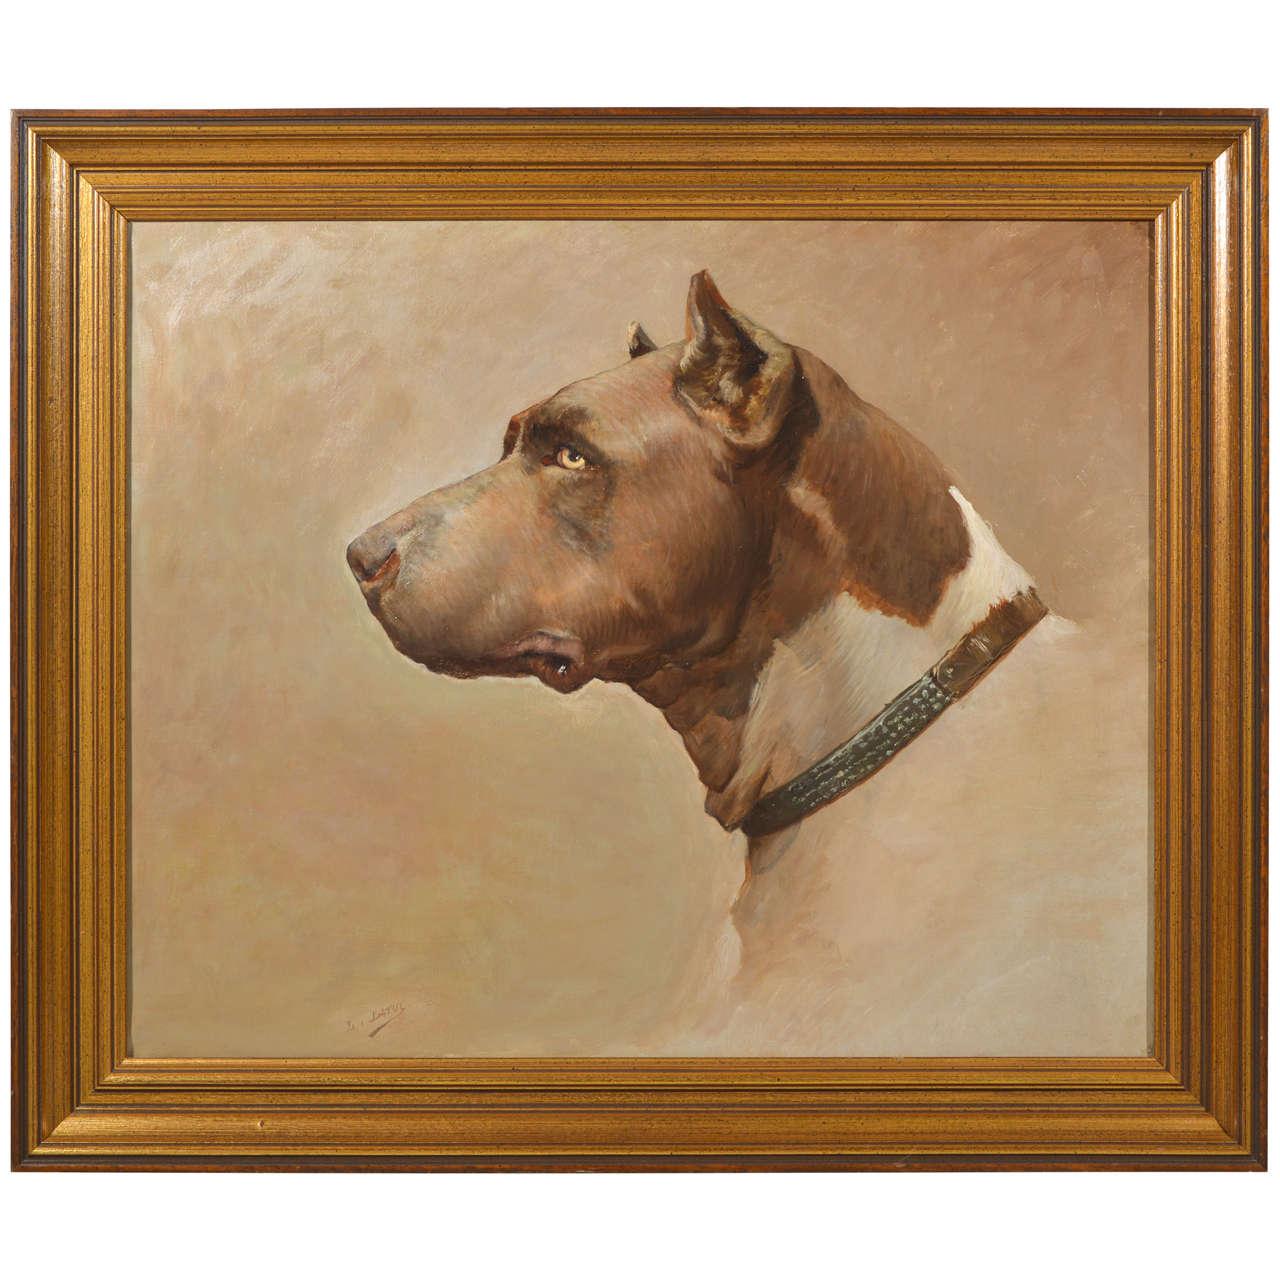 Framed Oil Painting of Dog Side Portrait